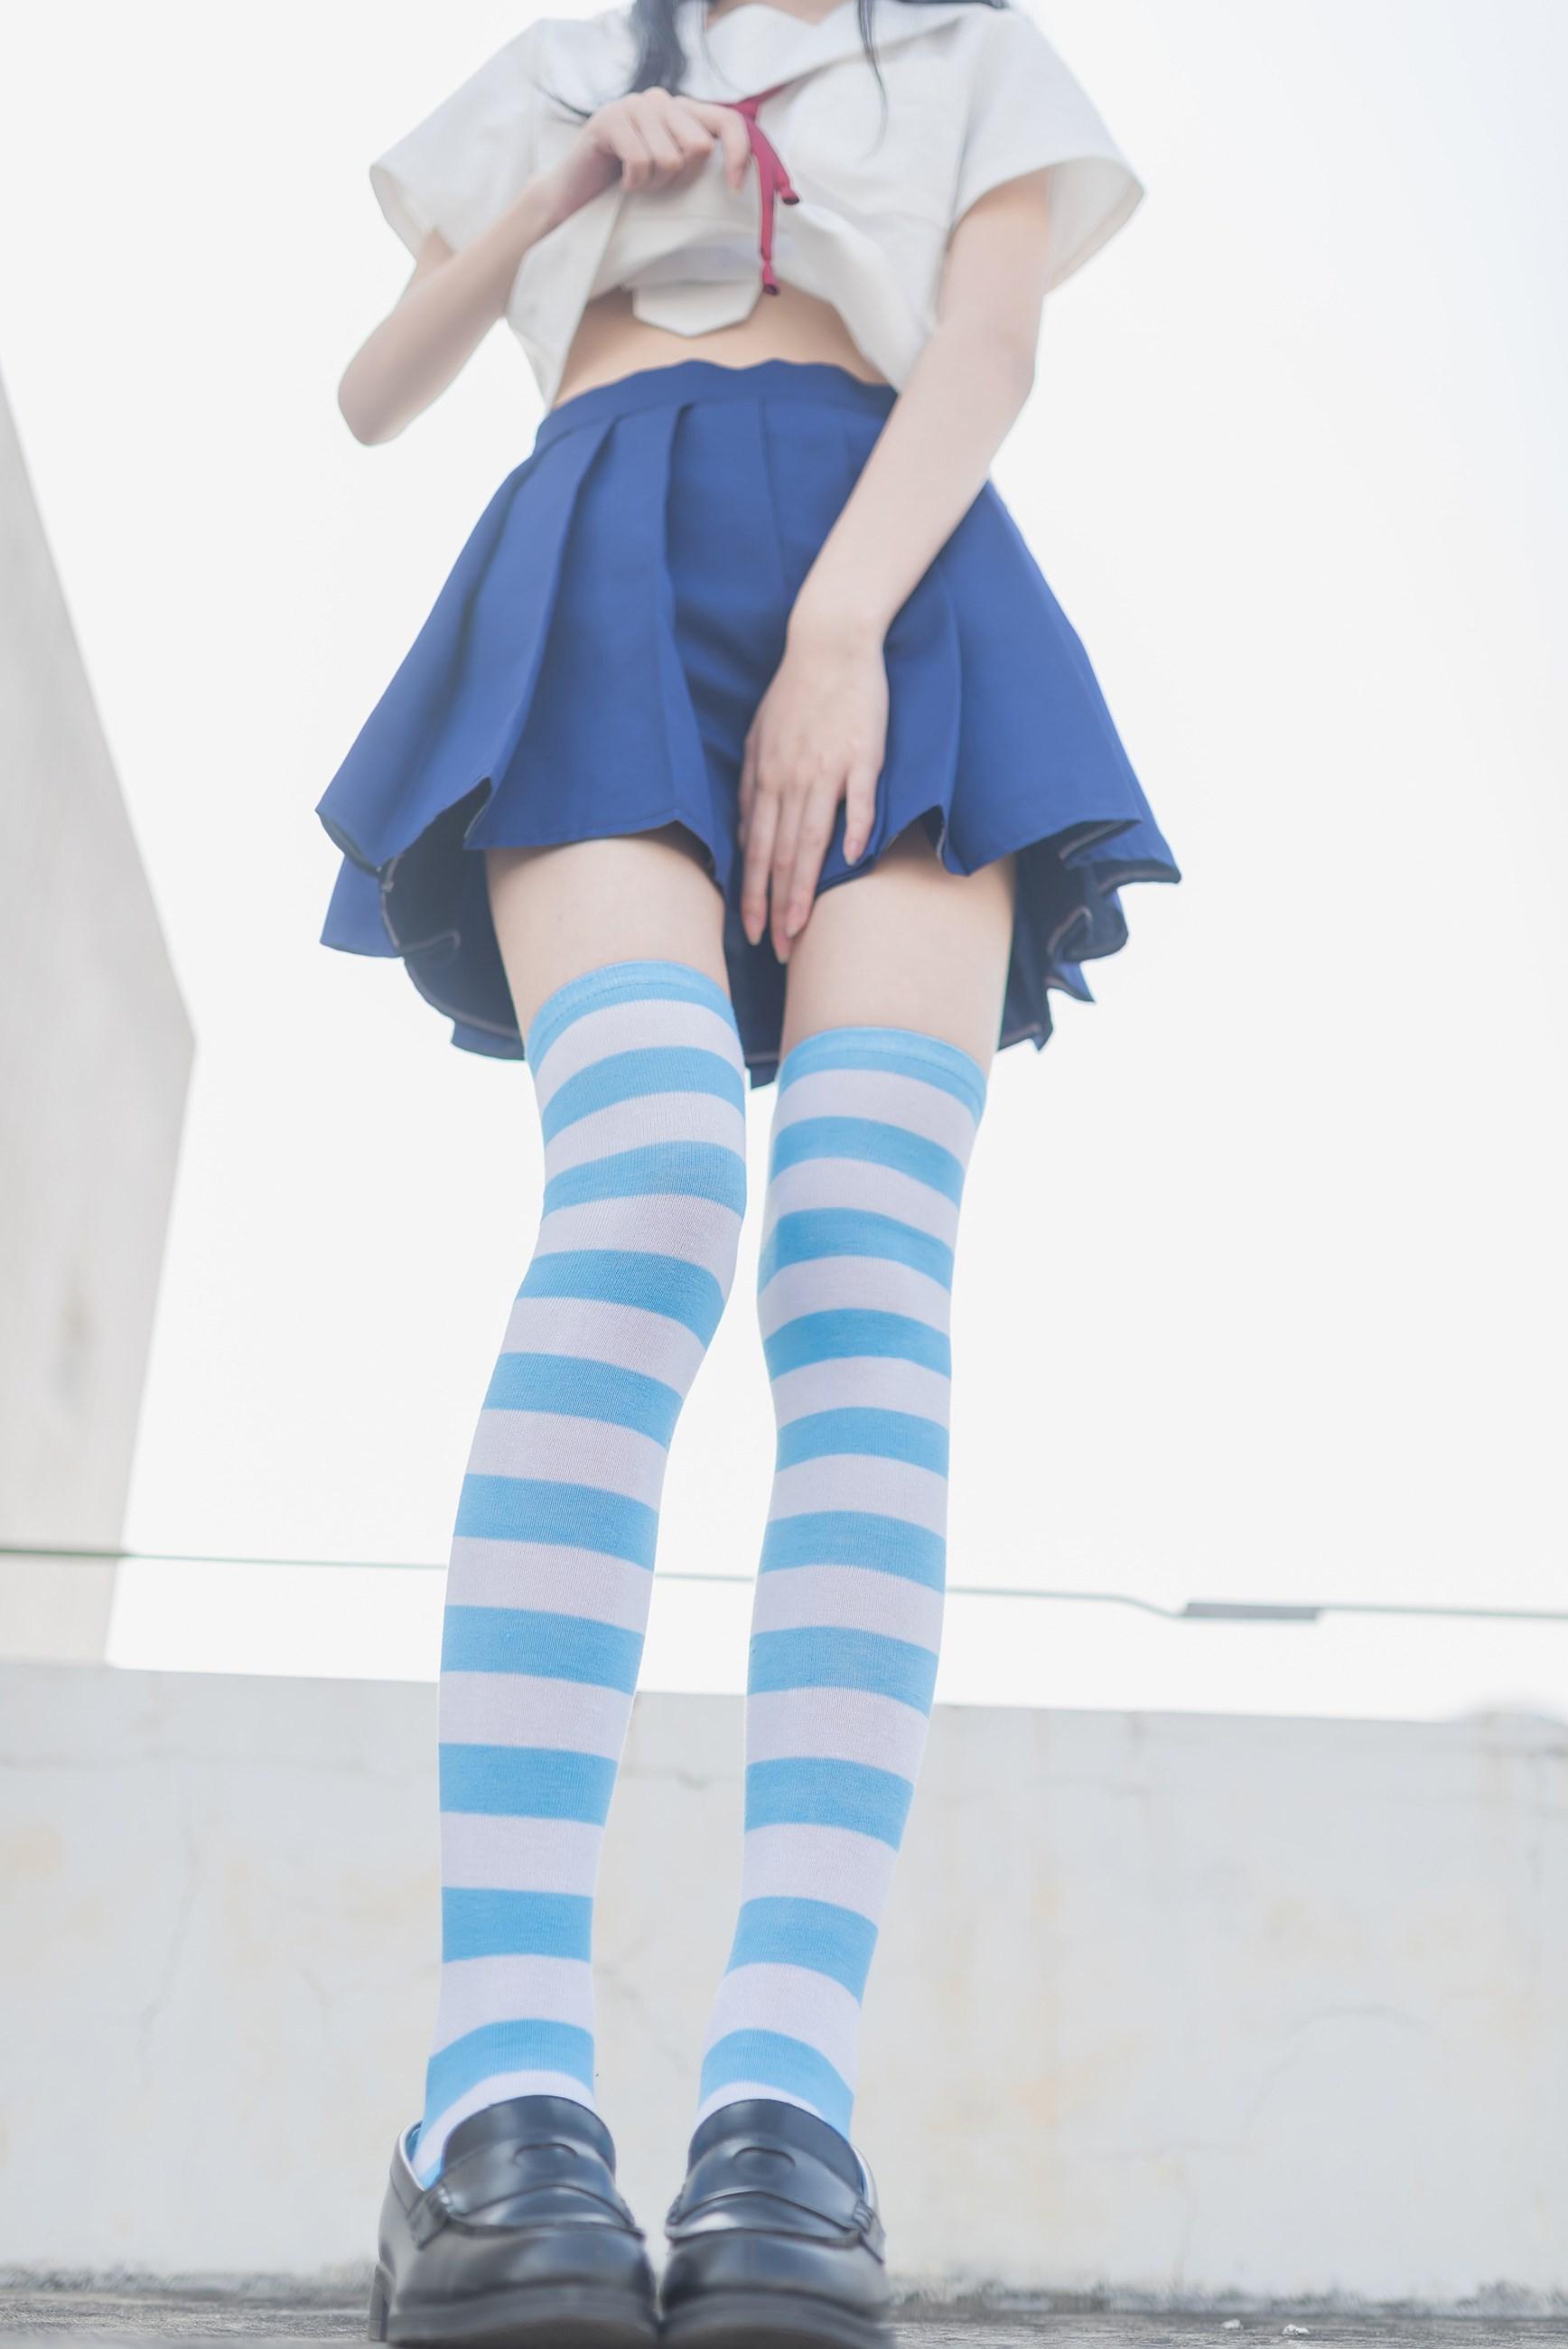 【兔玩映画】蓝白条纹的小细腿 兔玩映画 第4张